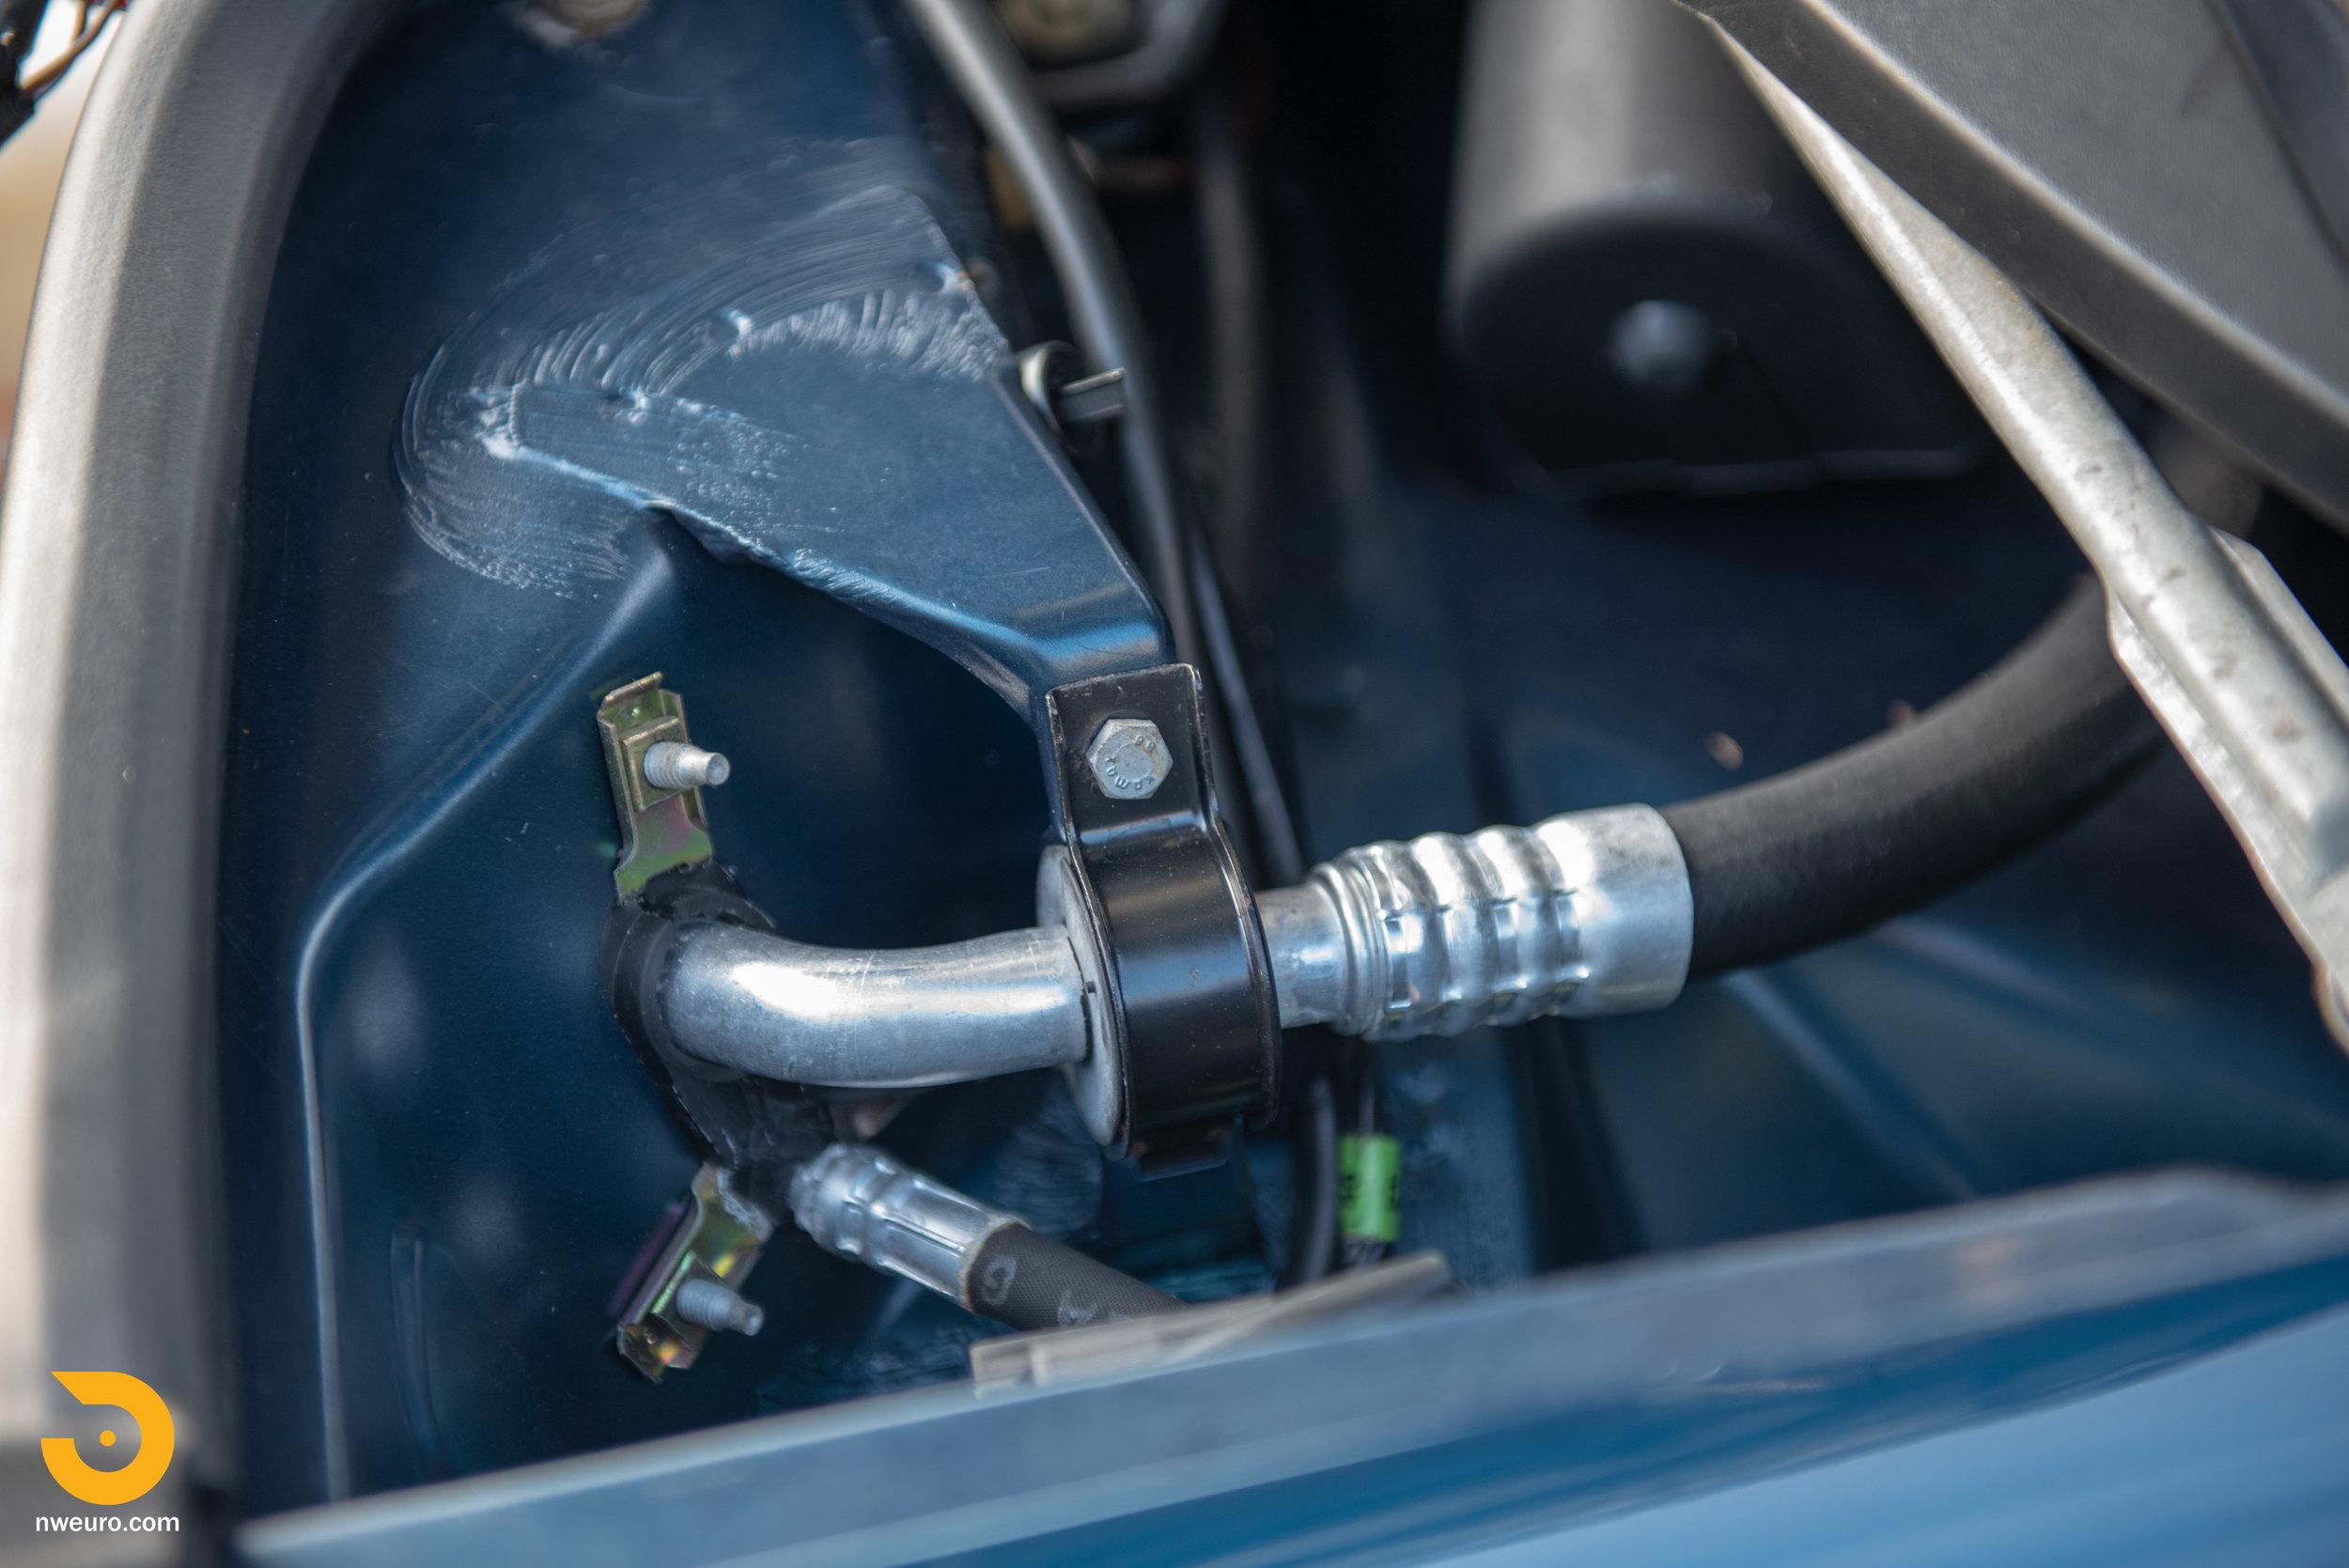 1995 Ford Escort Cosworth - Petrol Blue-43.jpg